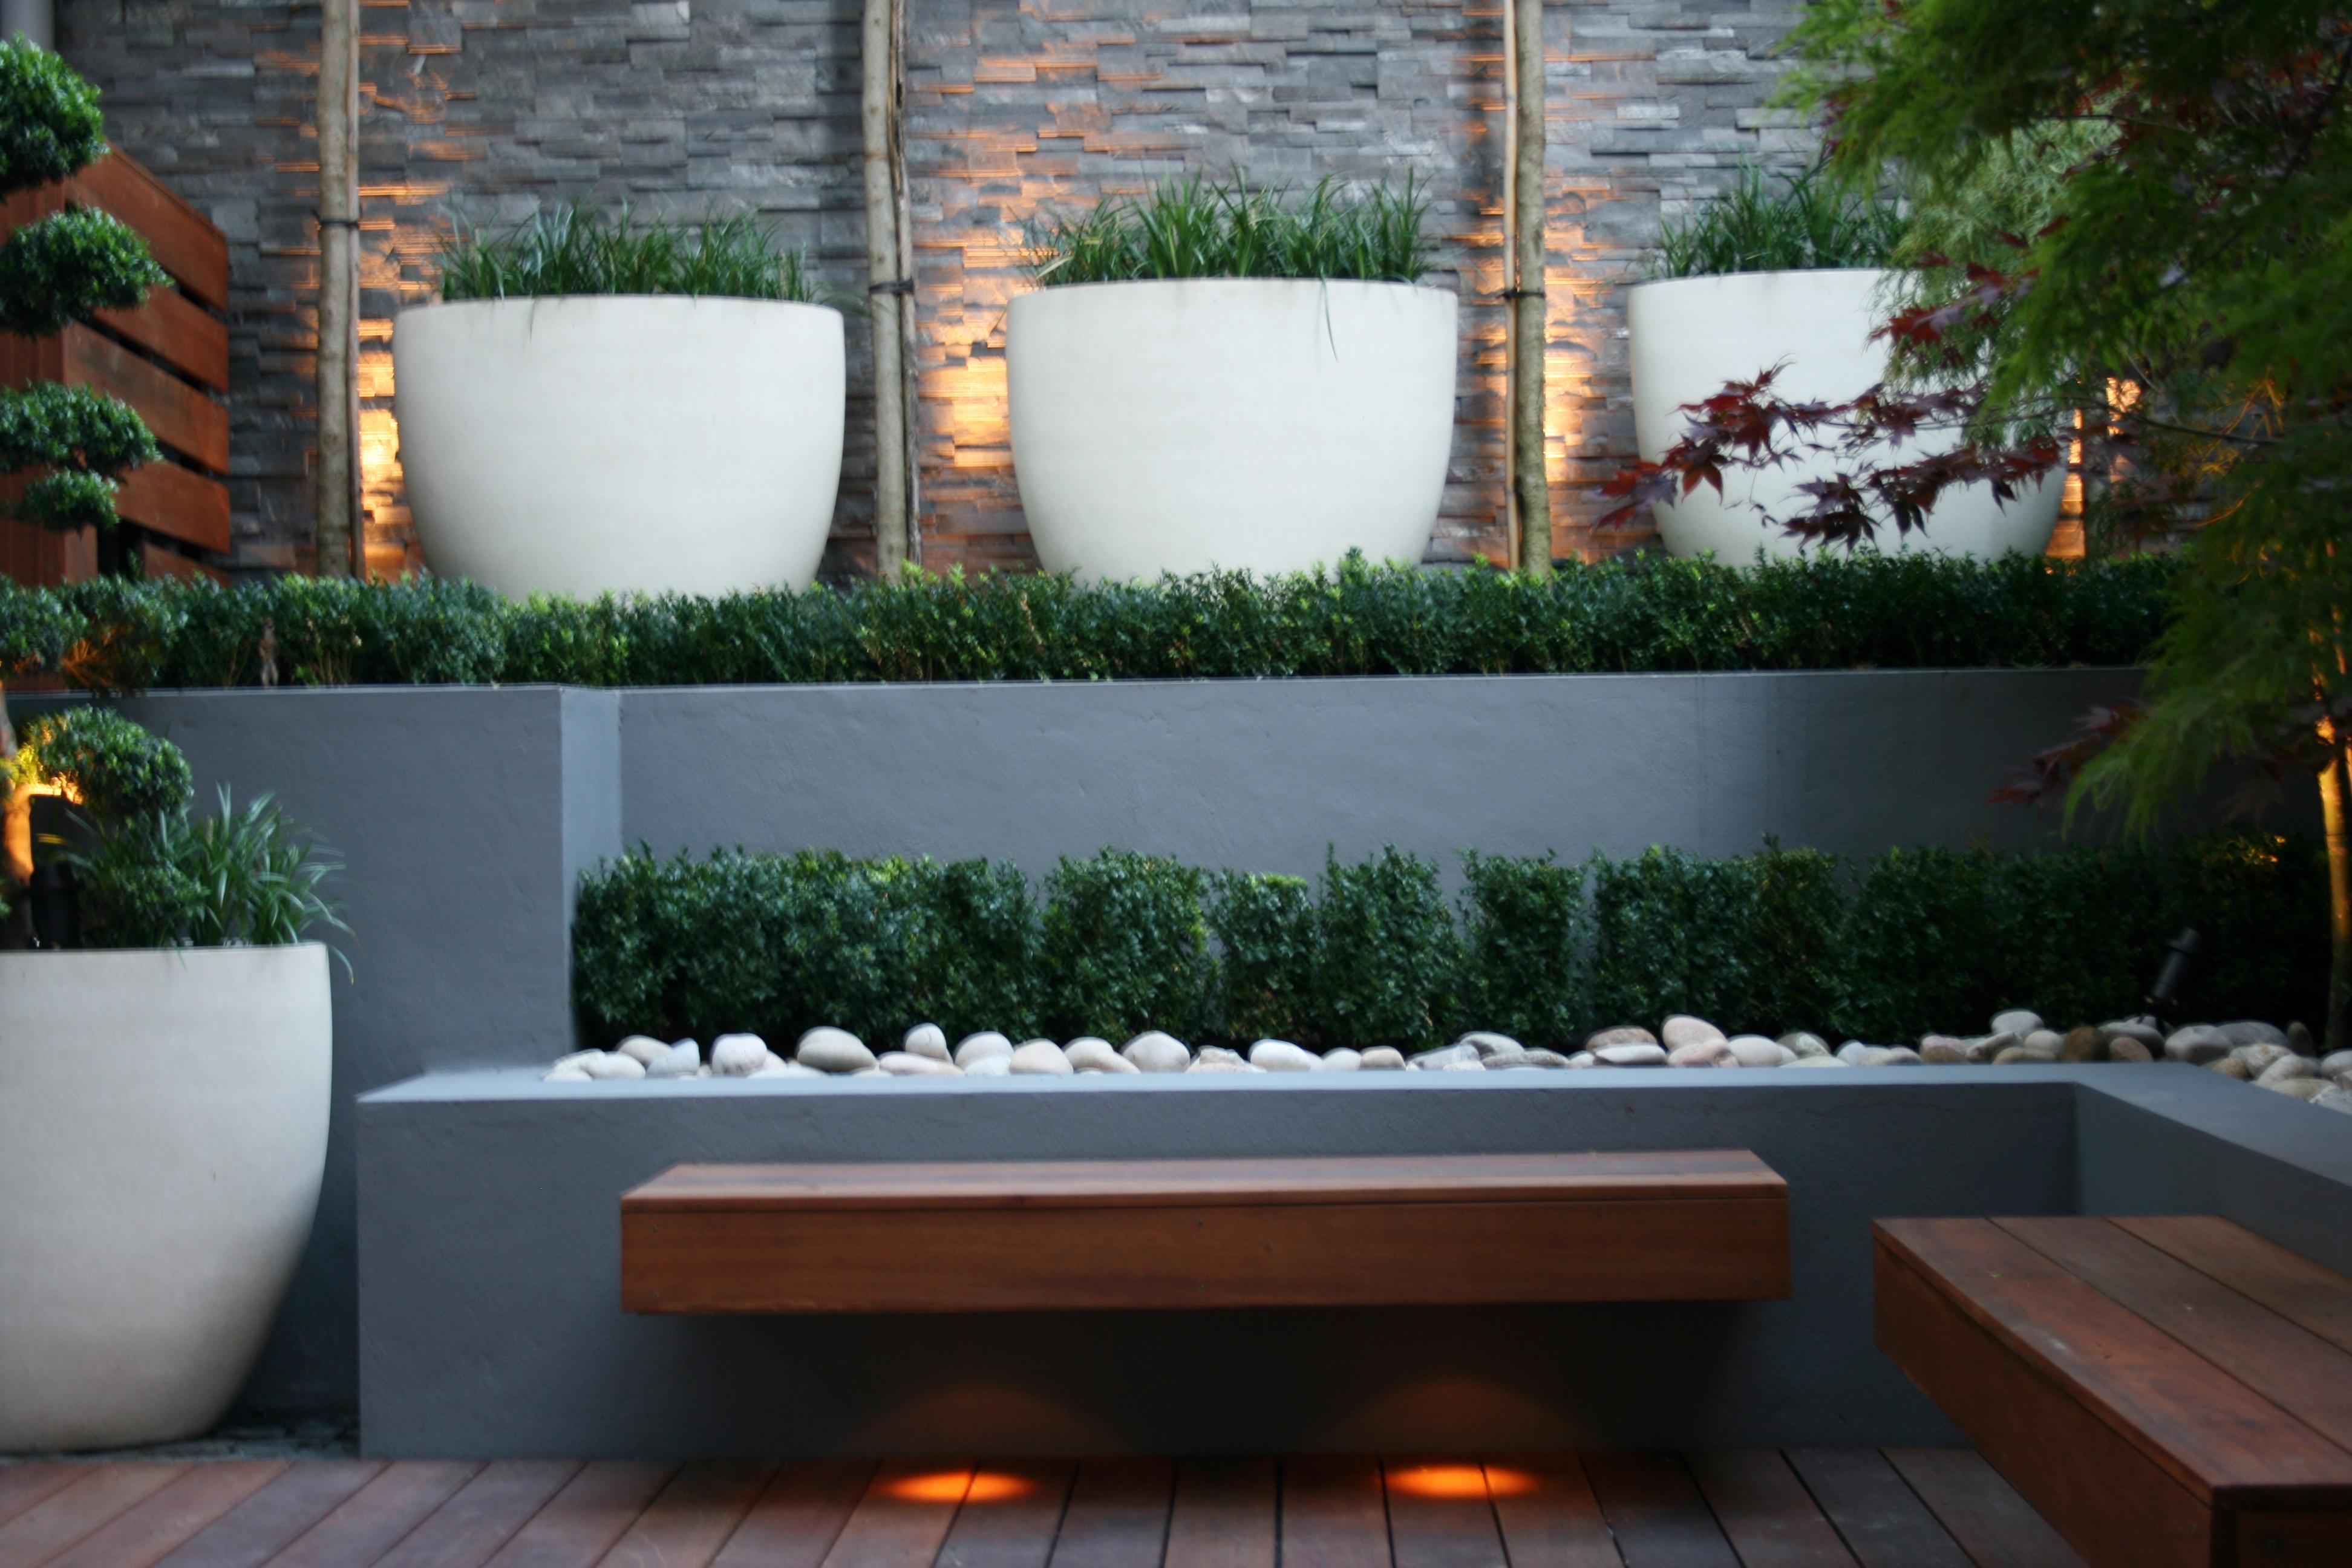 10 modern garden design ideas - Design for Me